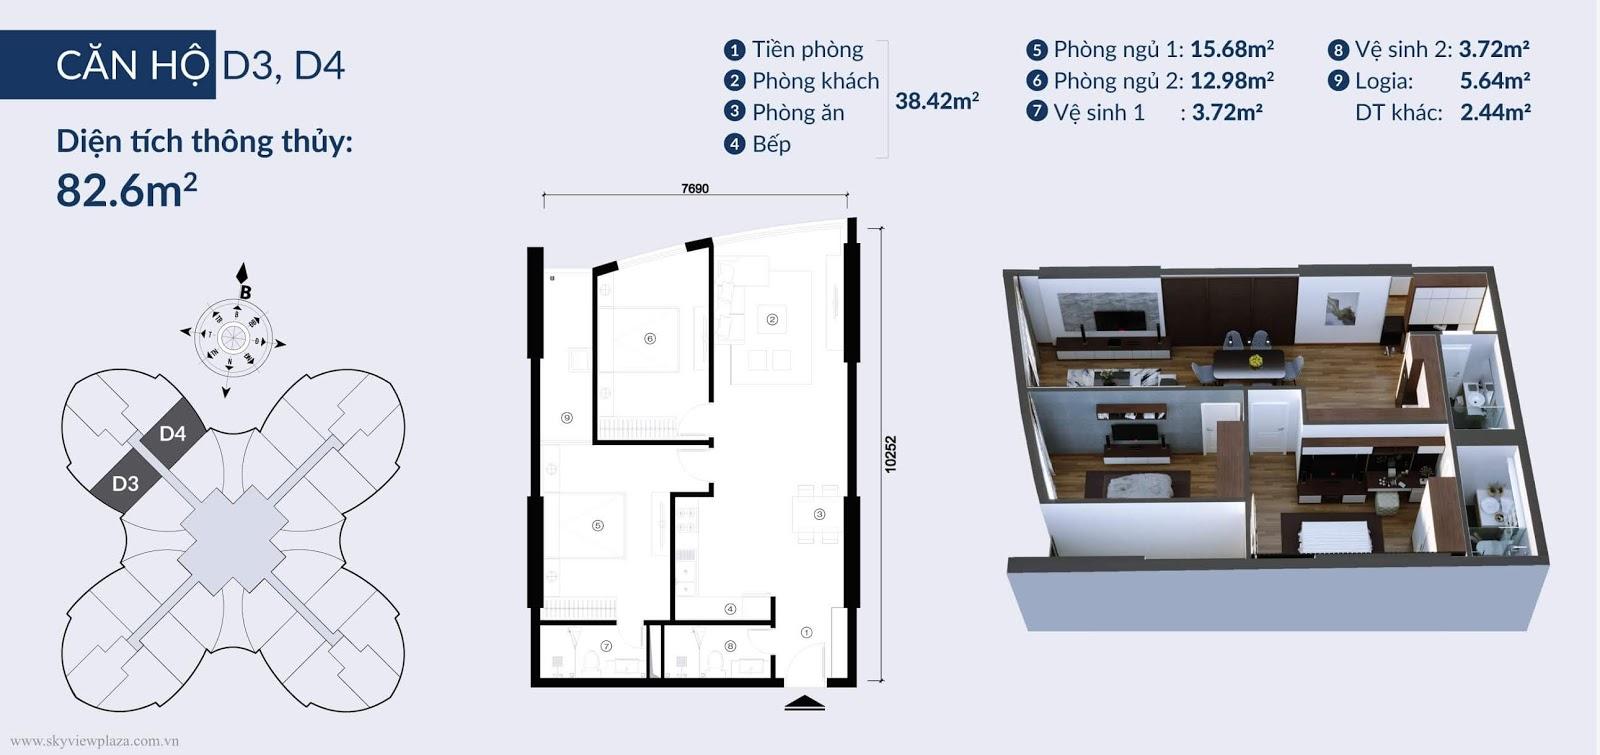 Chi tiết căn hộ D3, D4 toà Cánh hoa